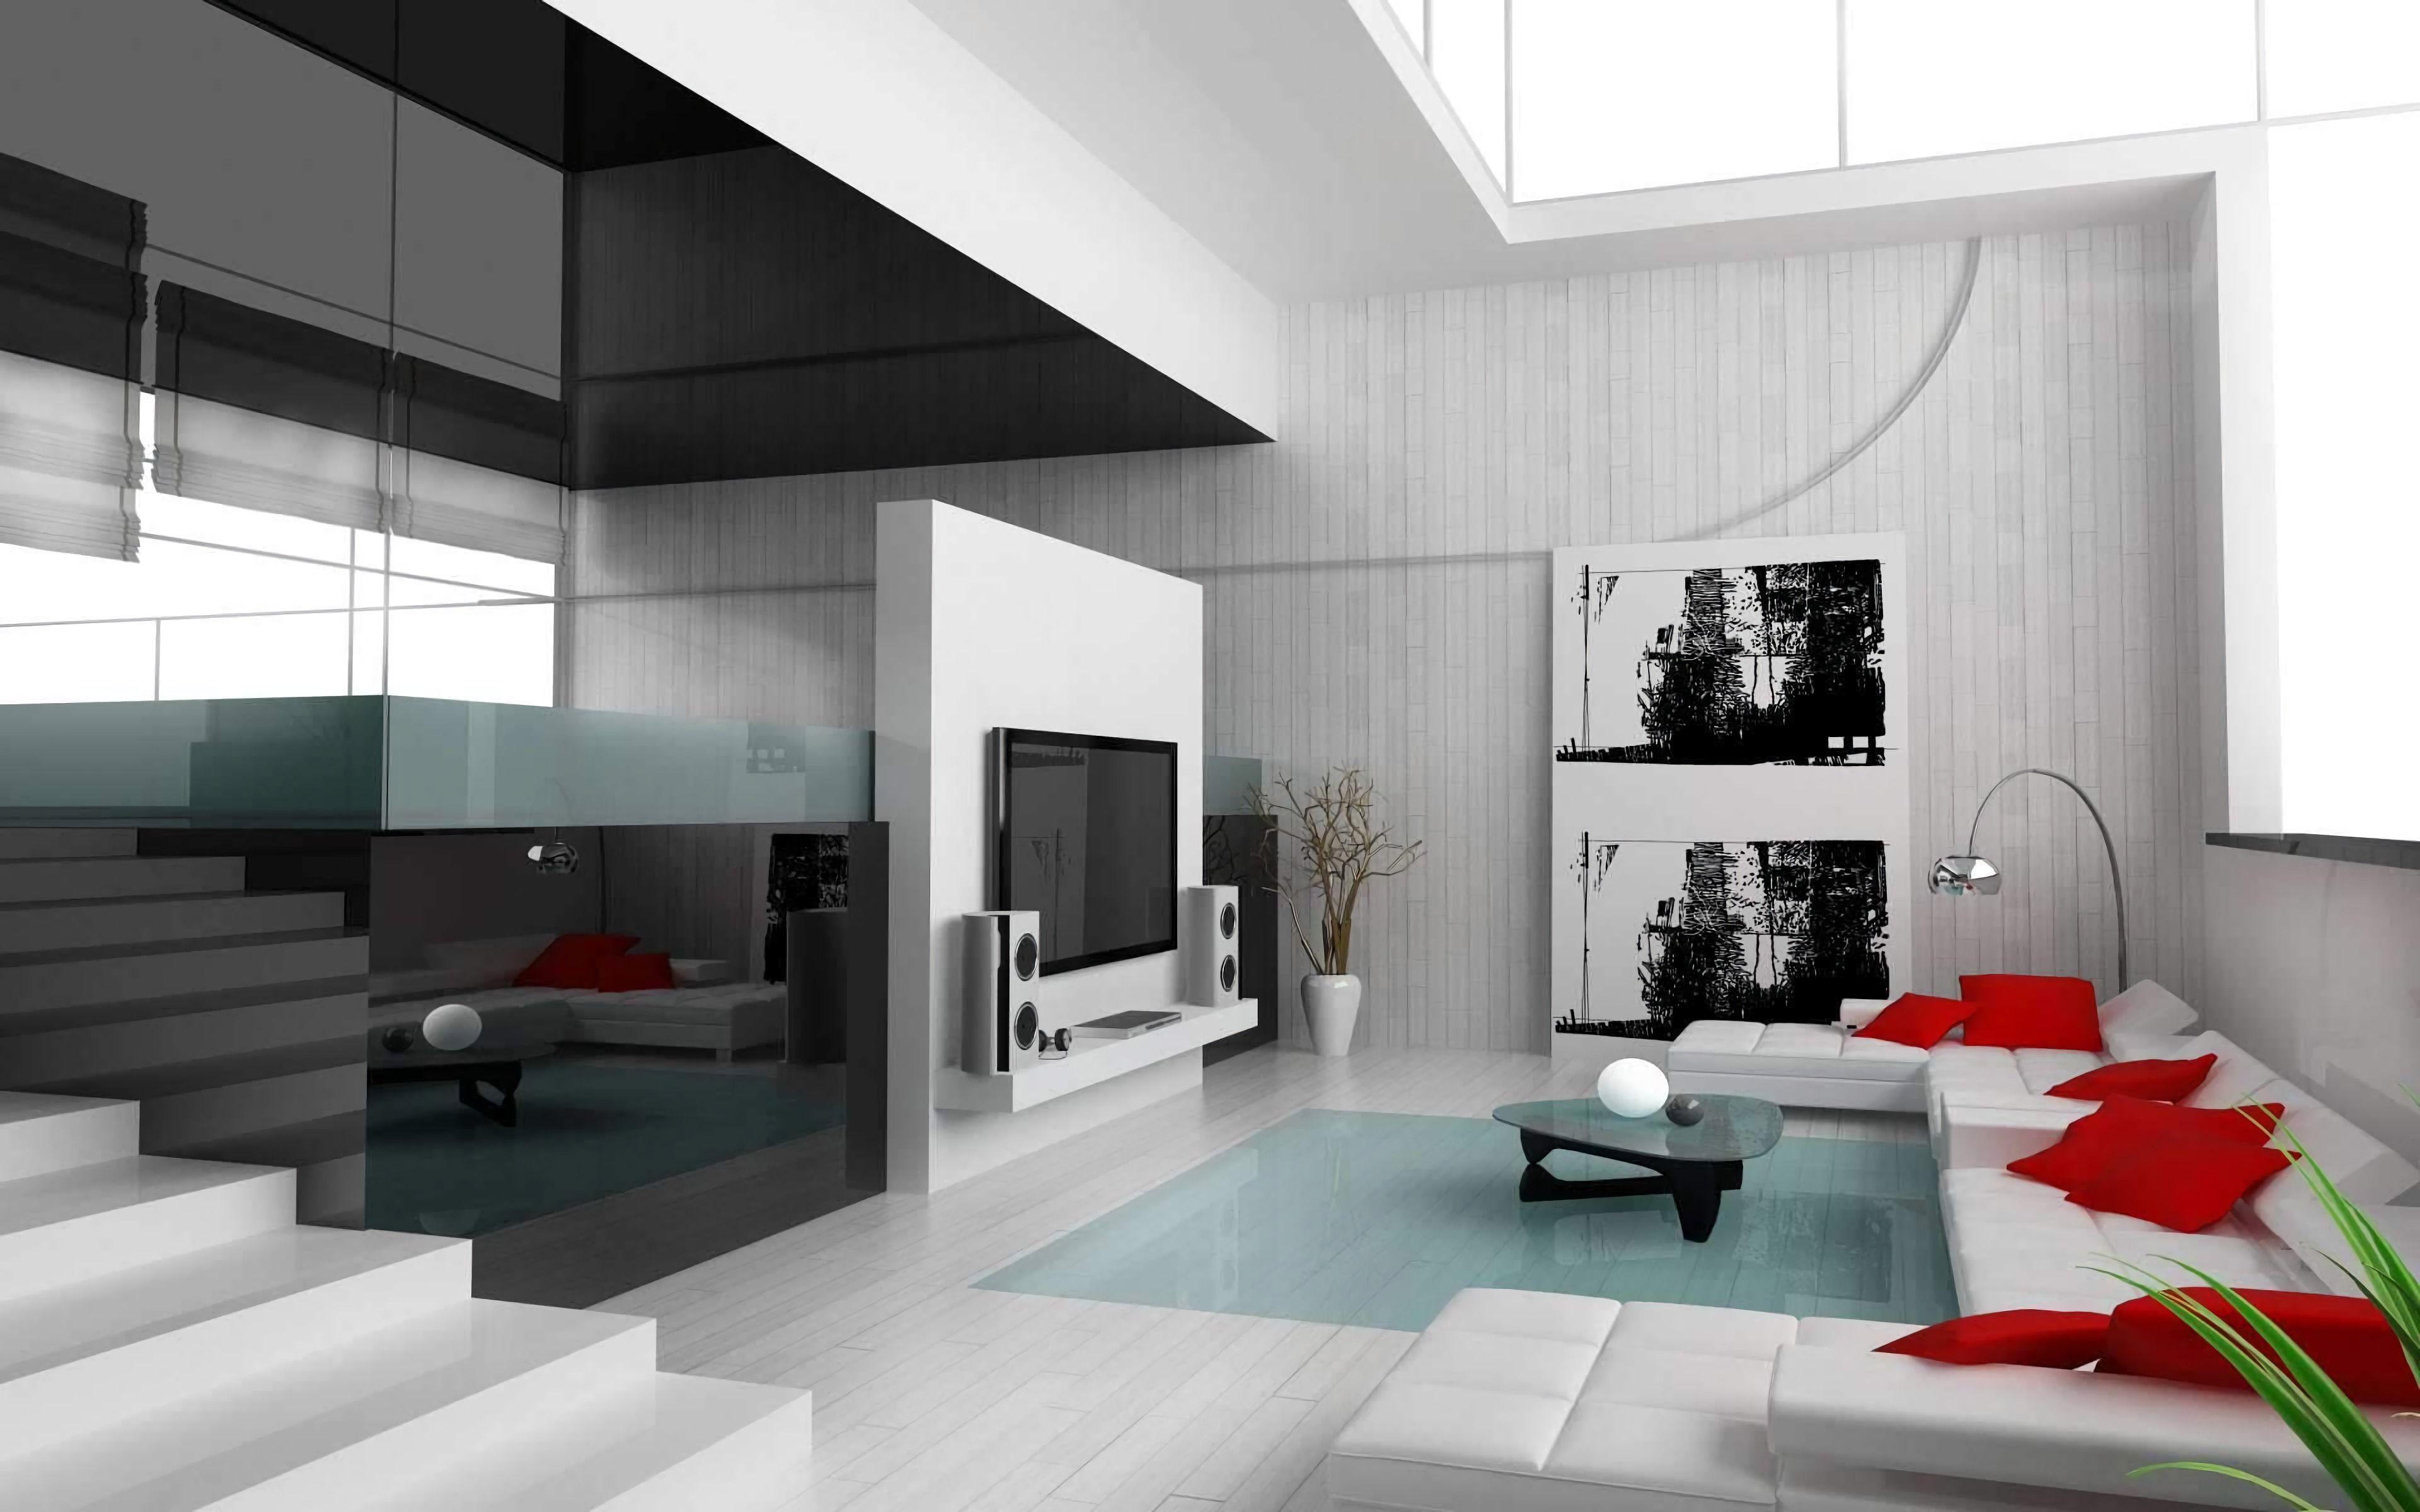 Maison Moderne Interieur Et Decoration Maison Contemporaine ...